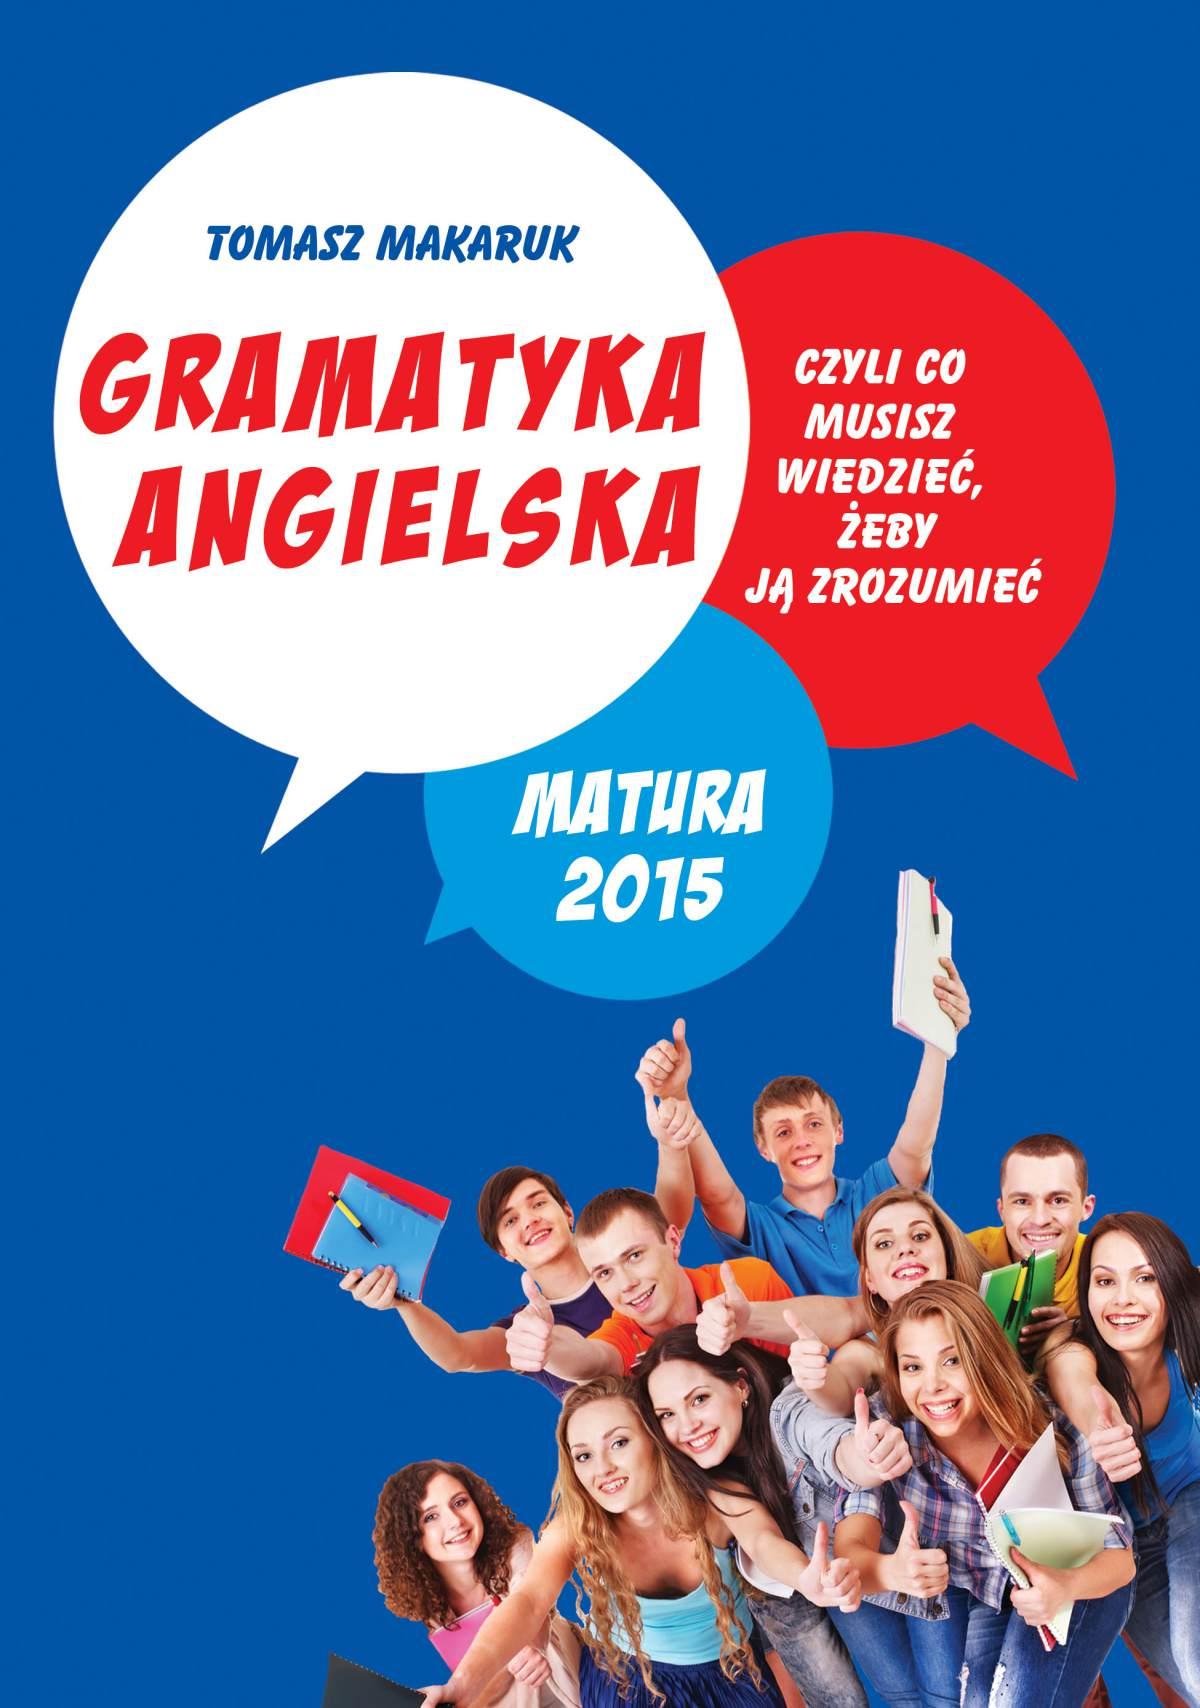 Gramatyka angielska, czyli co musisz wiedzieć, żeby ją zrozumieć. Matura 2015 - Ebook (Książka EPUB) do pobrania w formacie EPUB